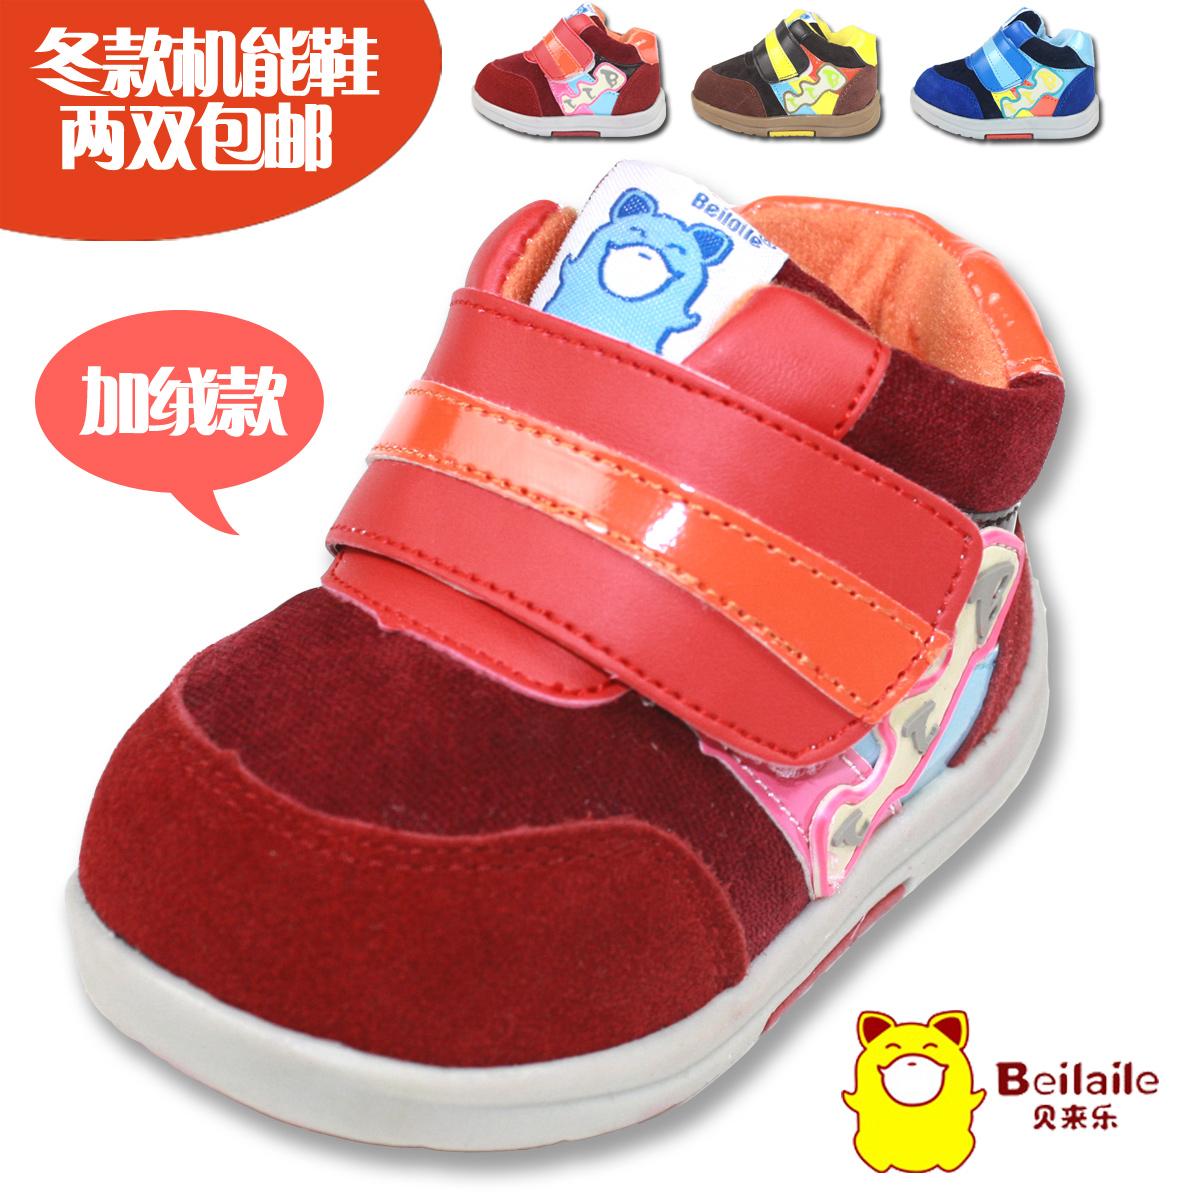 贝来乐冬款新品 宝宝棉鞋 健康学步鞋 保暖鞋 机能鞋 bl006商品图片